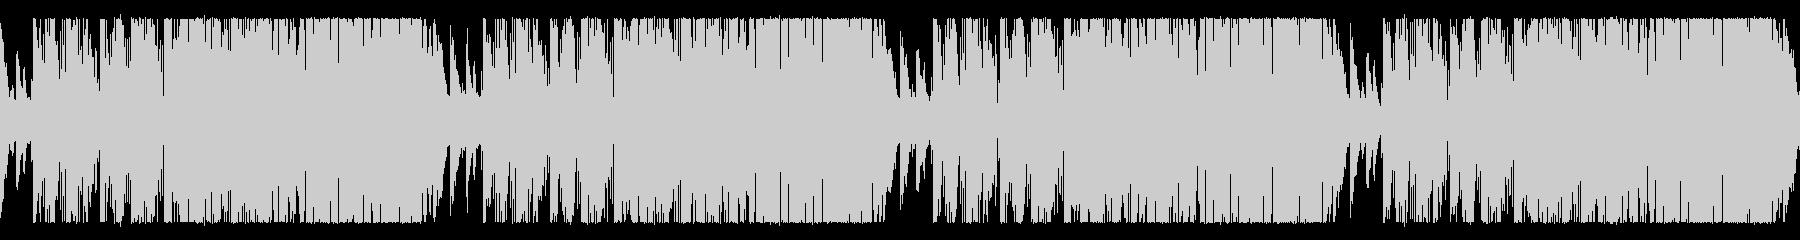 優しく・しっとりとしたコーポレートBGMの未再生の波形